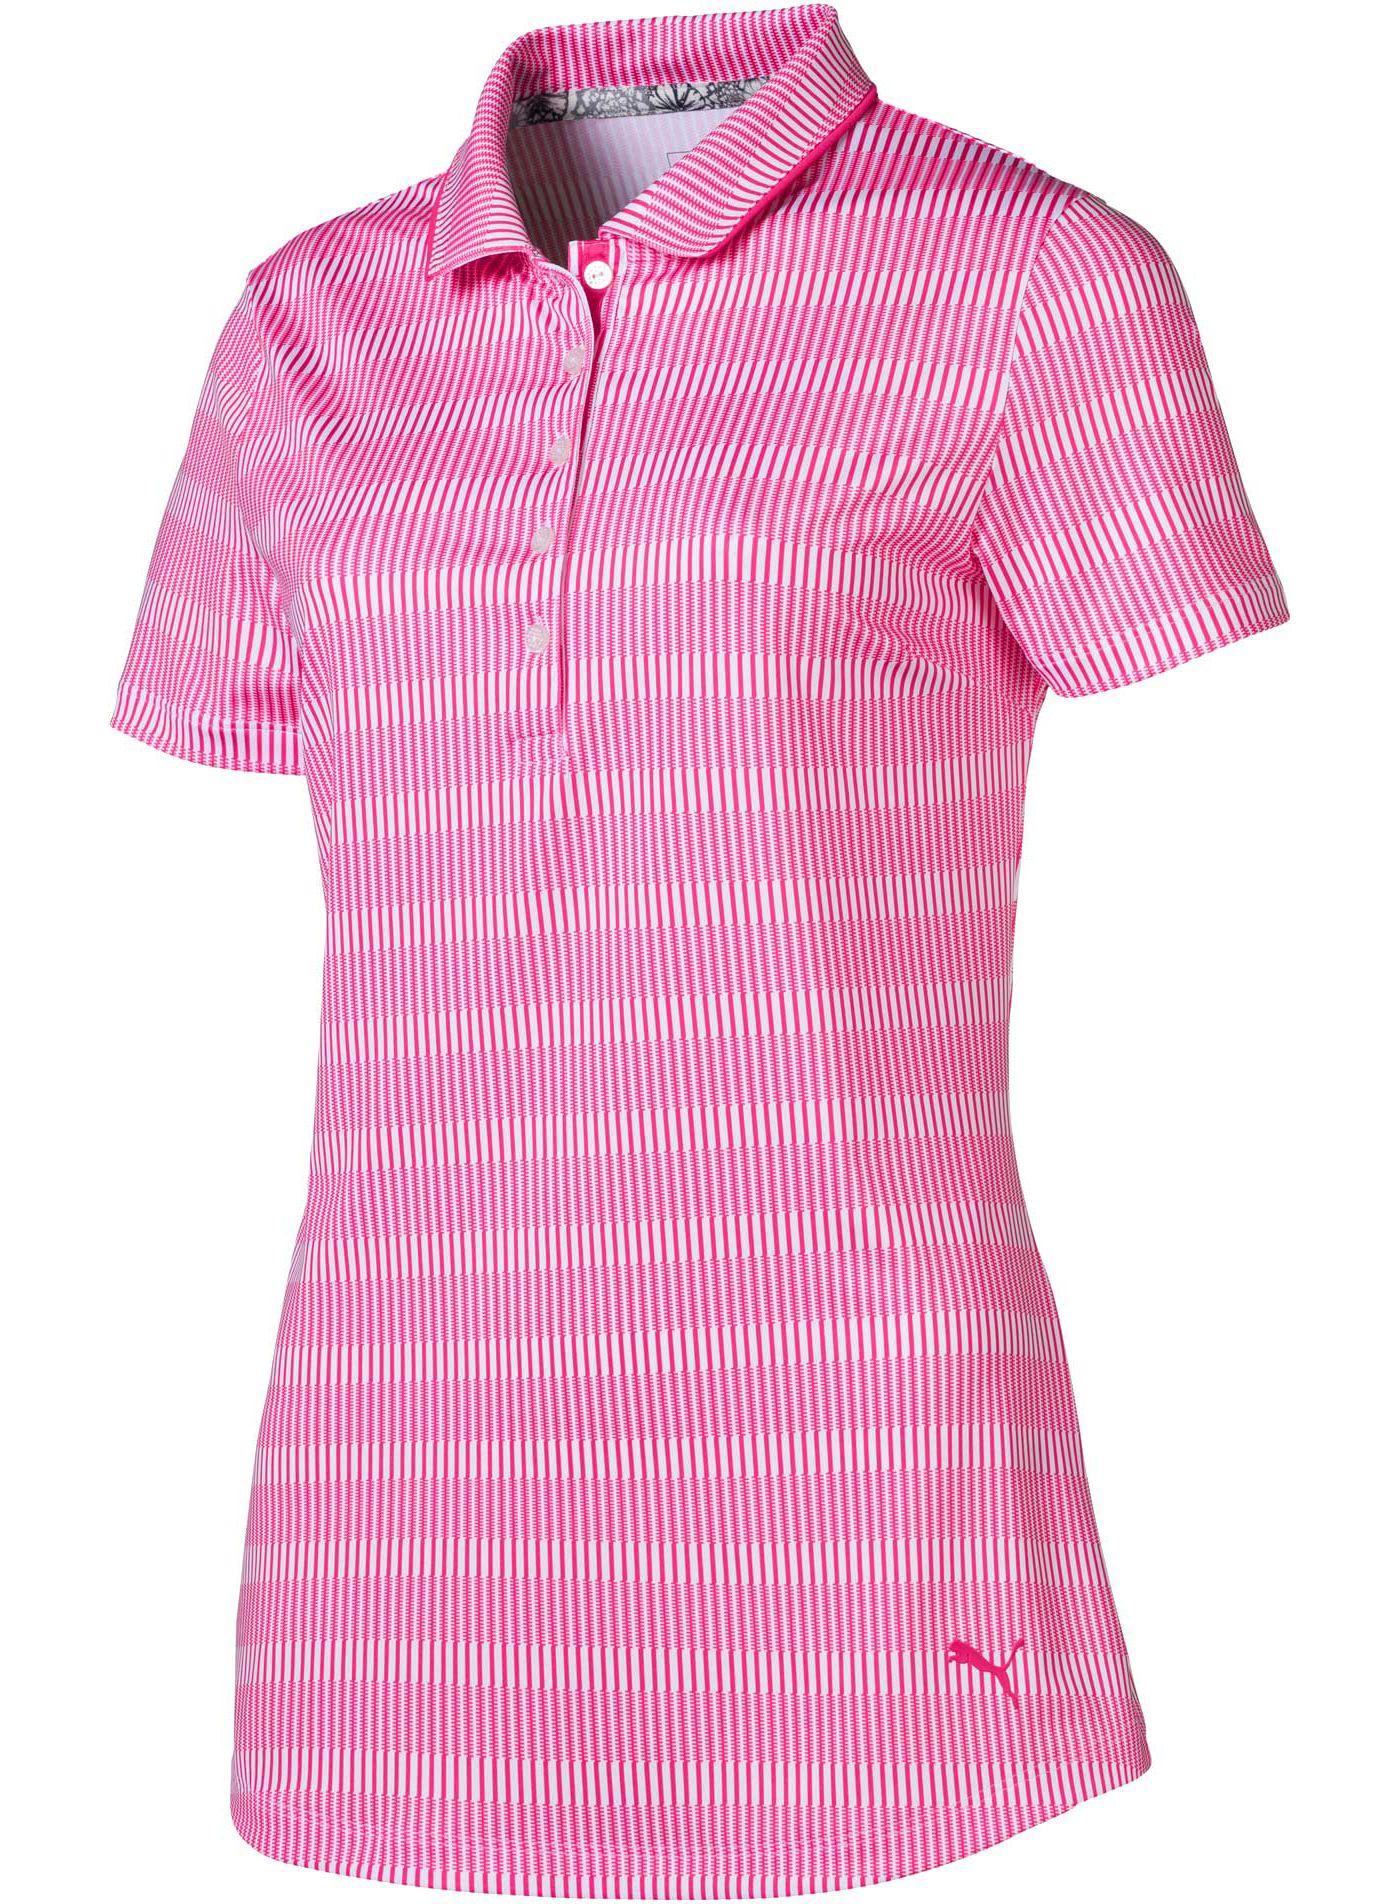 PUMA Women's Forward Tees Golf Polo